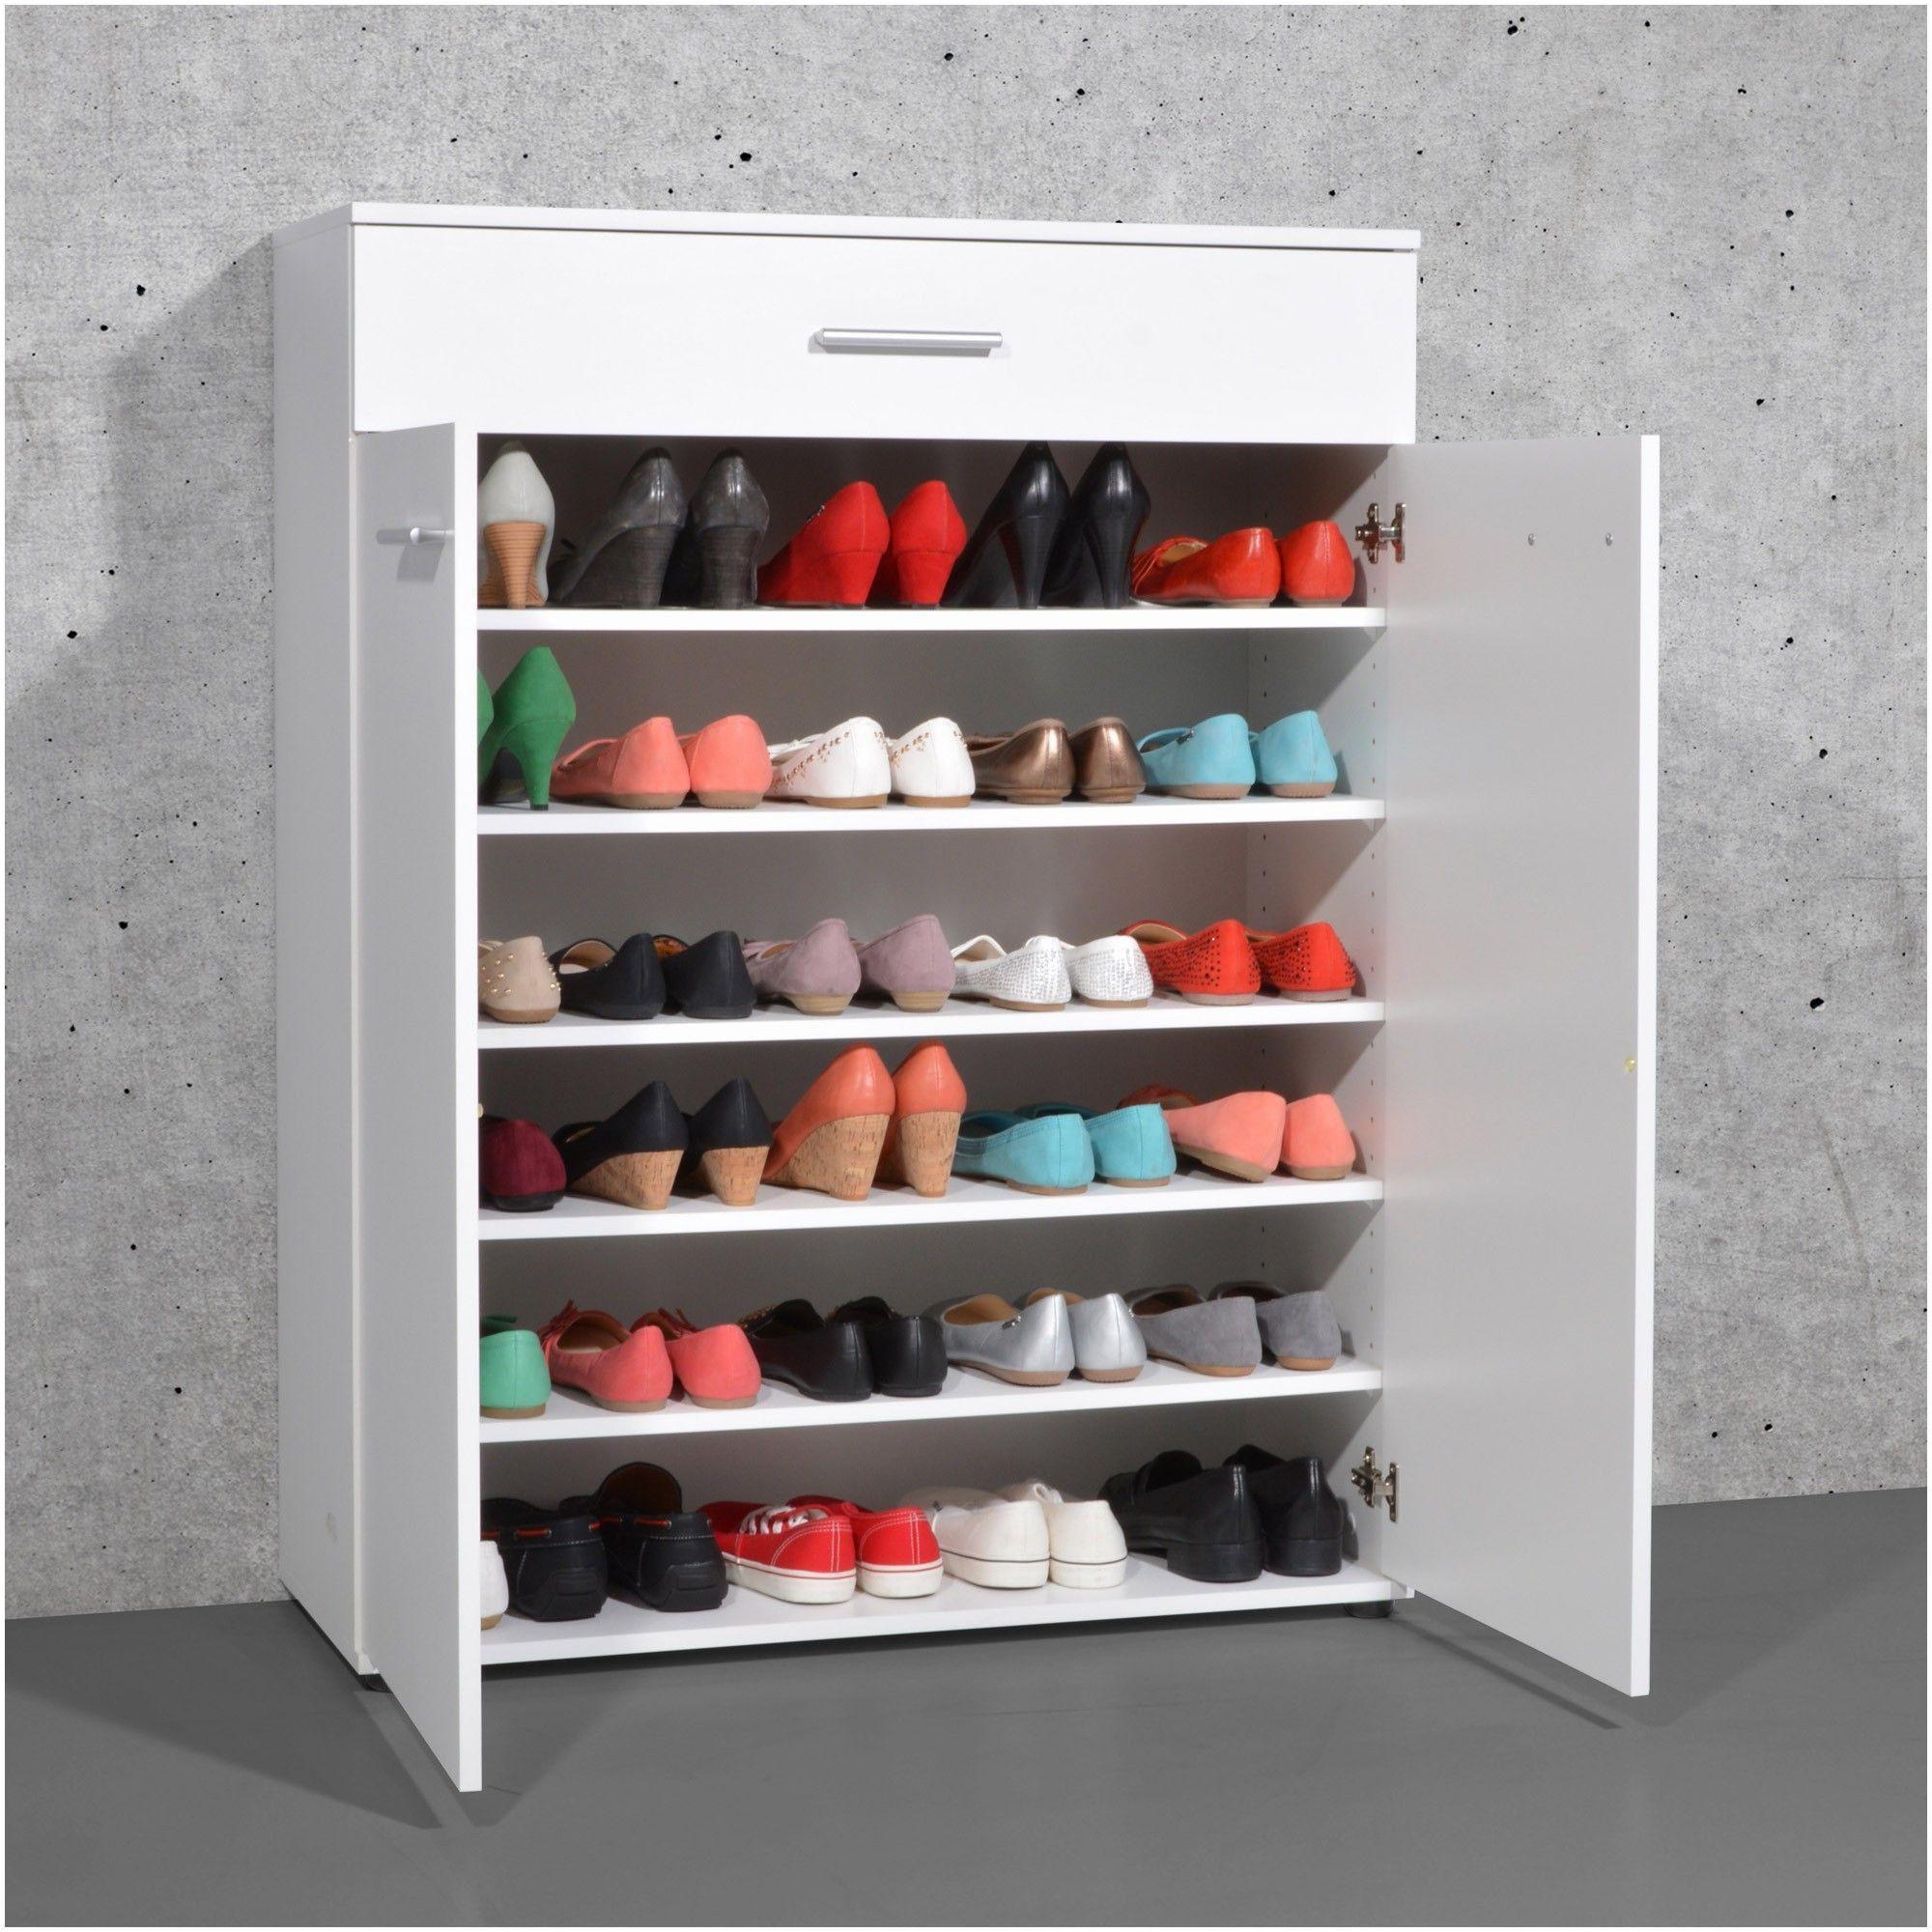 Epingle Par Ida Flore Ayong Nguema Sur Meuble En 2020 Rangement Chaussures Grand Meuble Meuble Rangement Chaussures